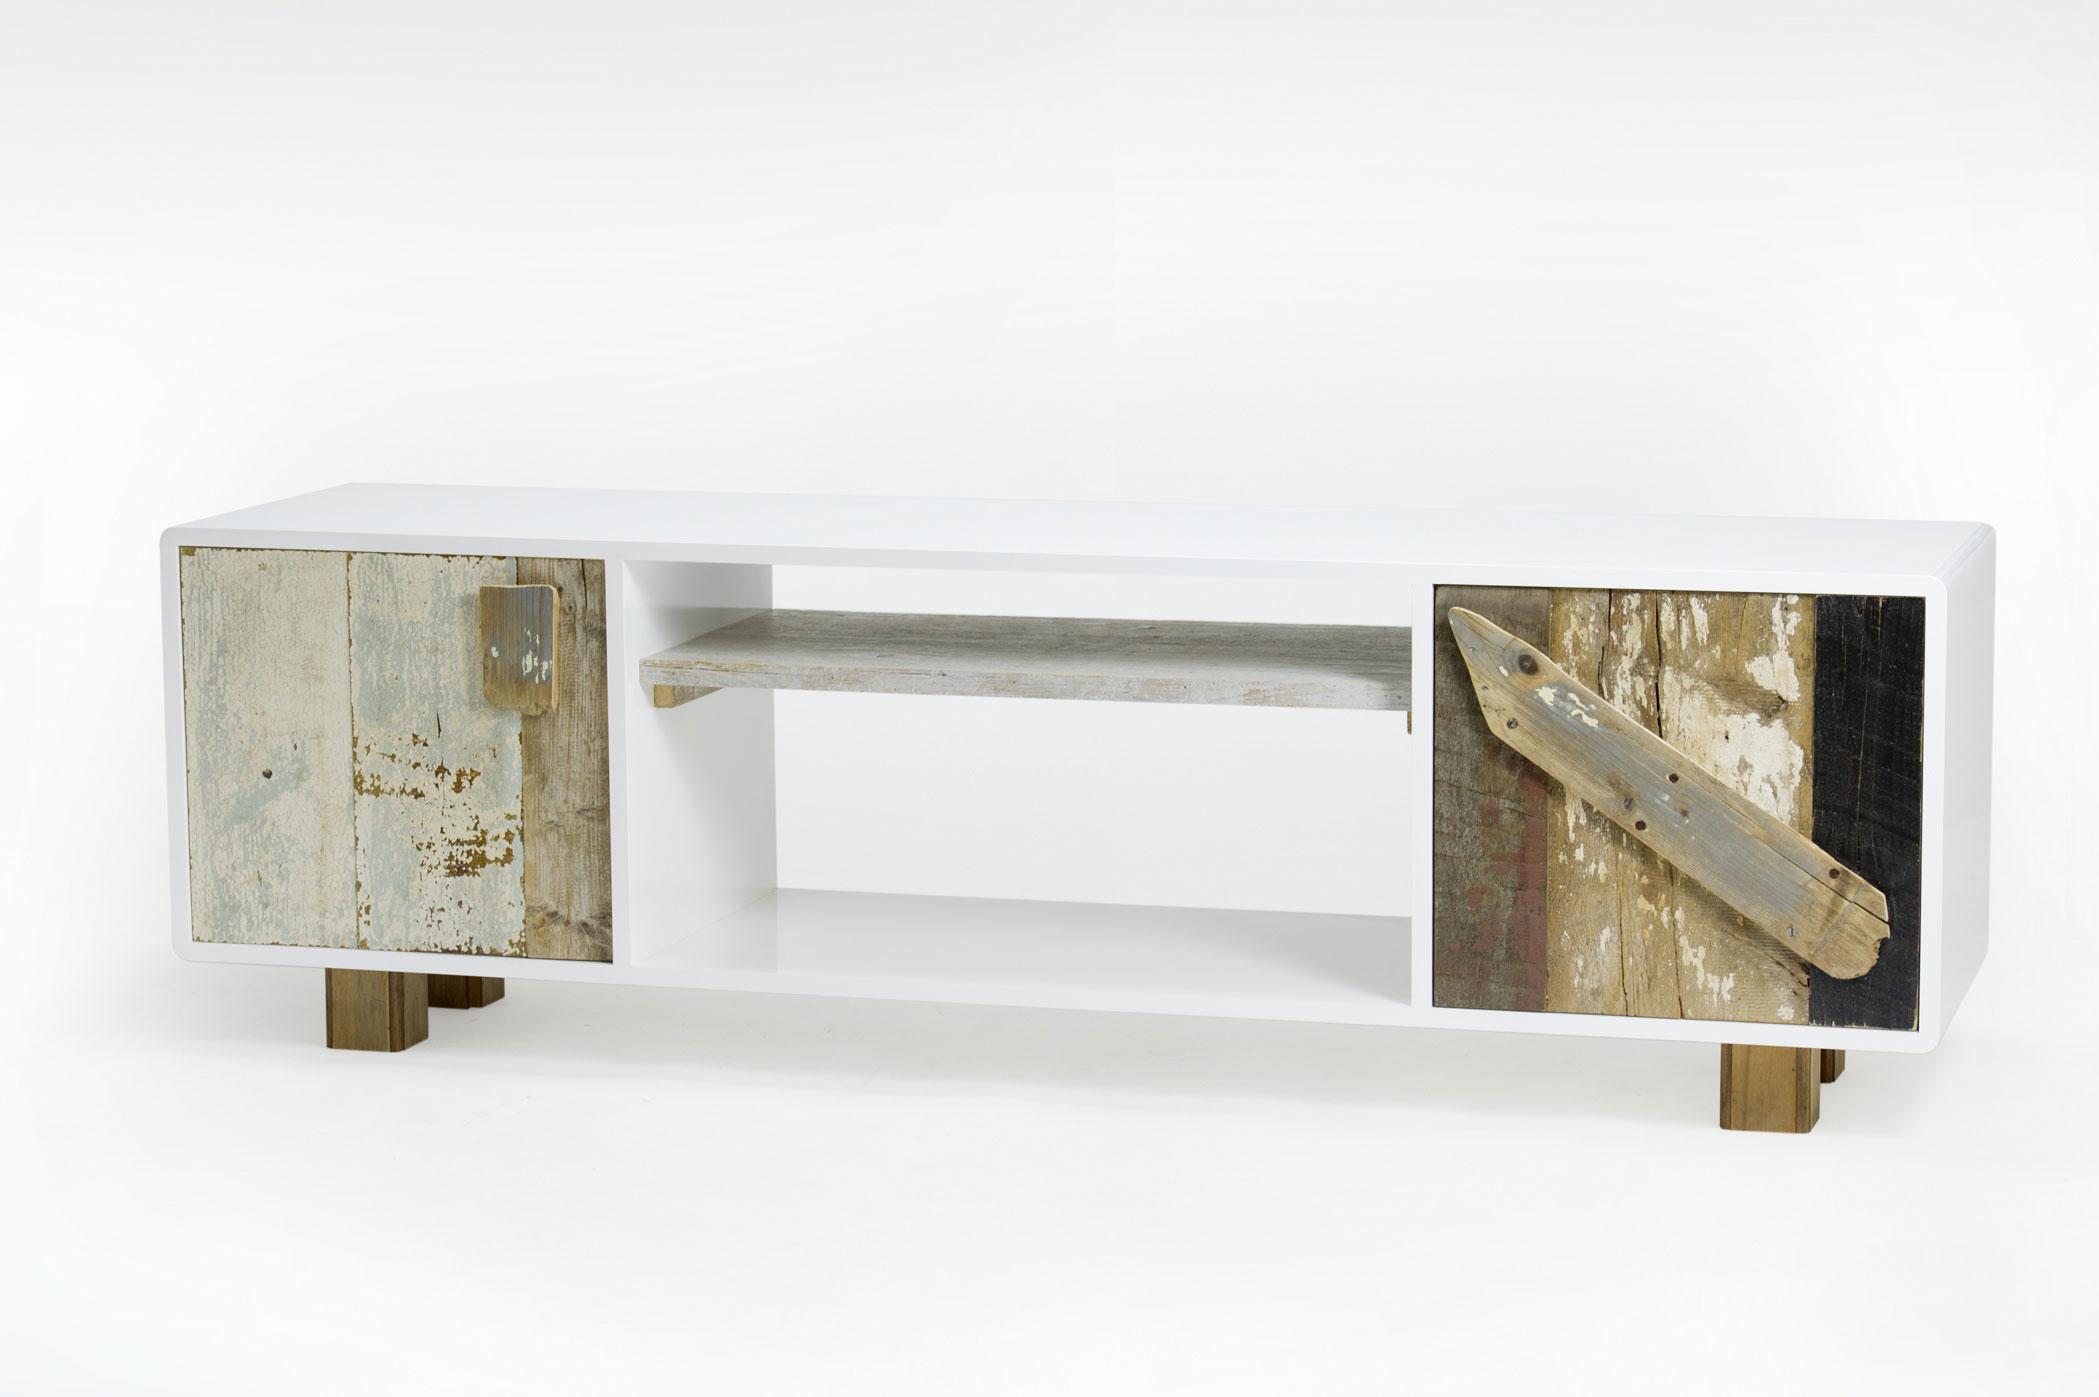 Mobile tv struttura mdf laccato a mano e parti in legno antico riciclato